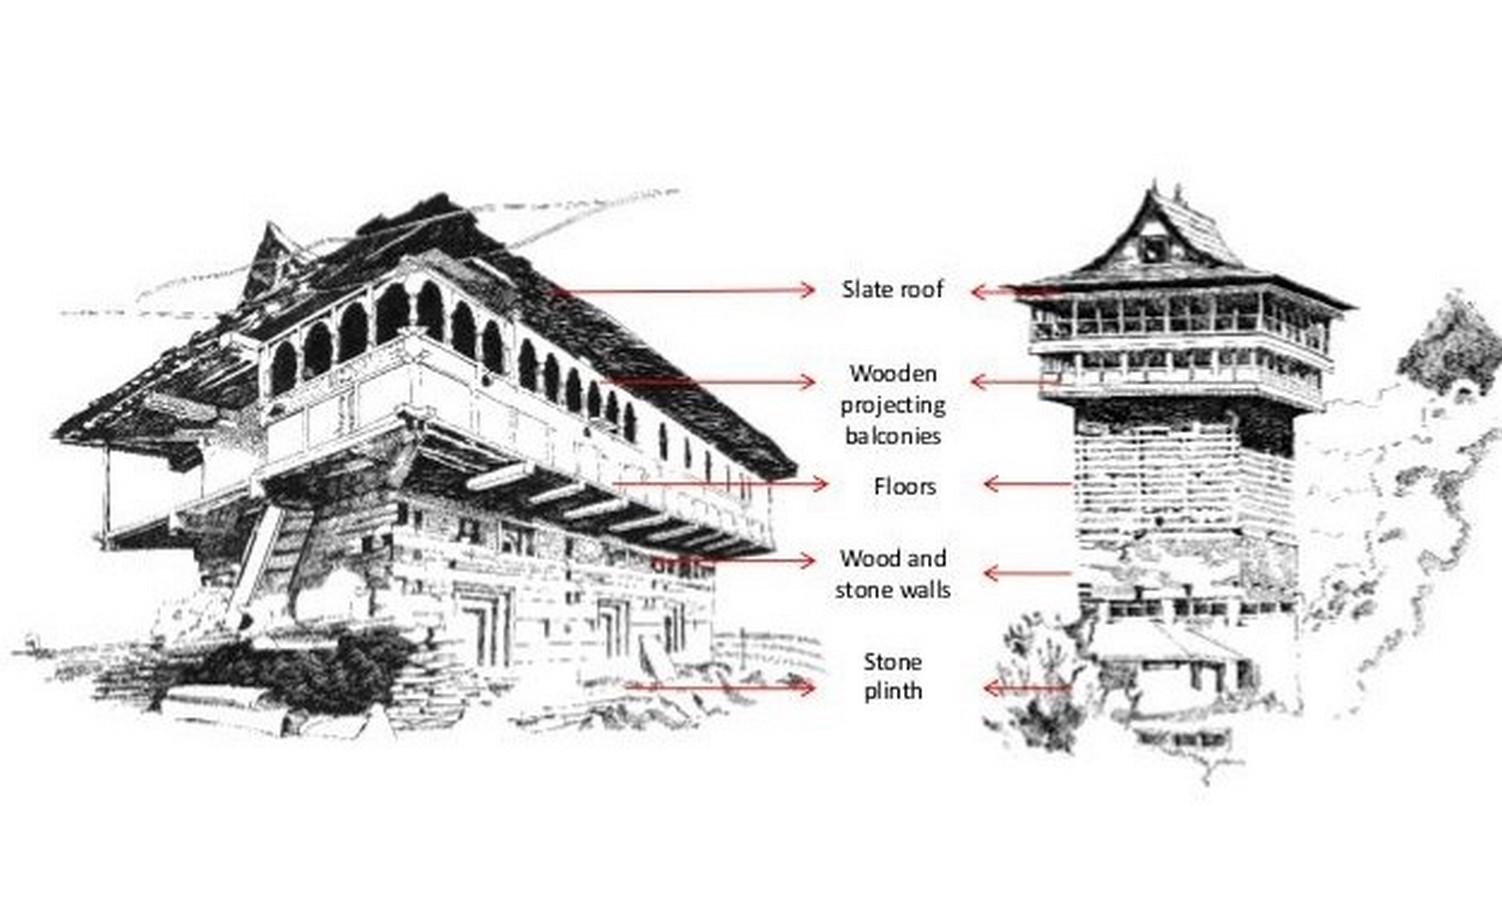 KOTI BANAL FROM UTTARKASHI DISTRICT OF UTTARAKHAND - Sheet1